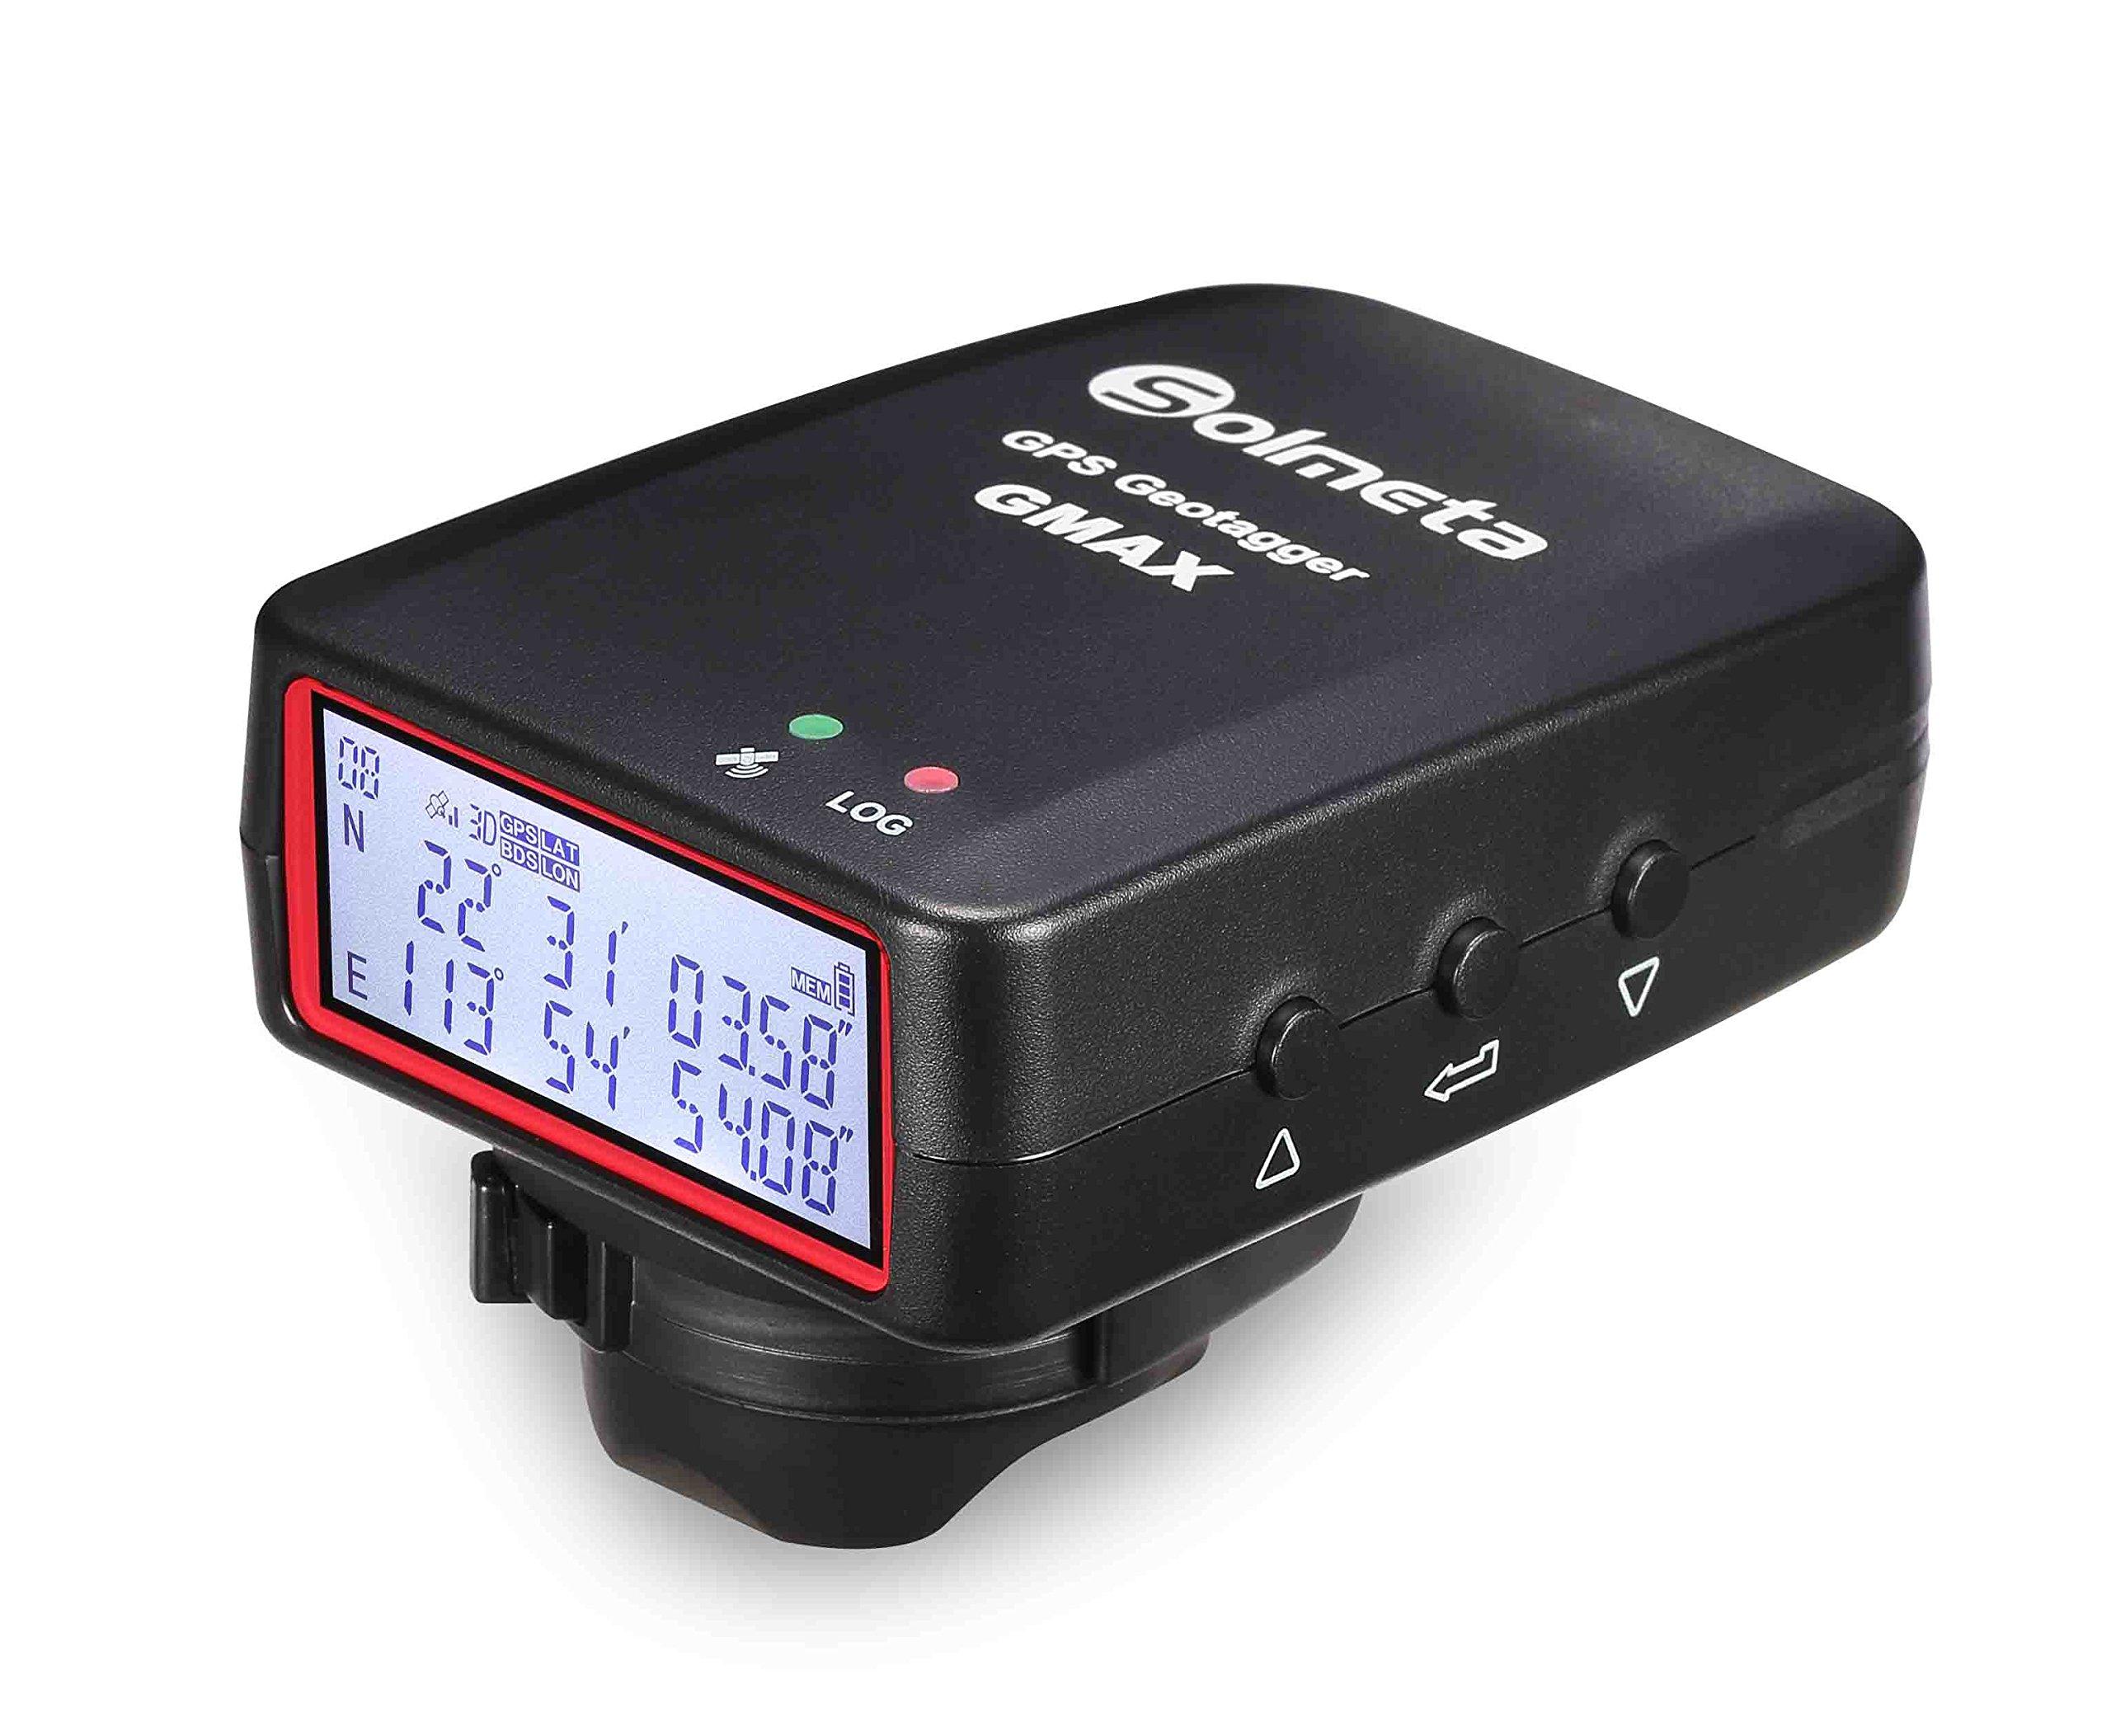 HOT SHOE MOUNT PROTECTION CAMERA FLASH CANON EOS 800D 80D 5DS 5DSR 760D 5D 70D